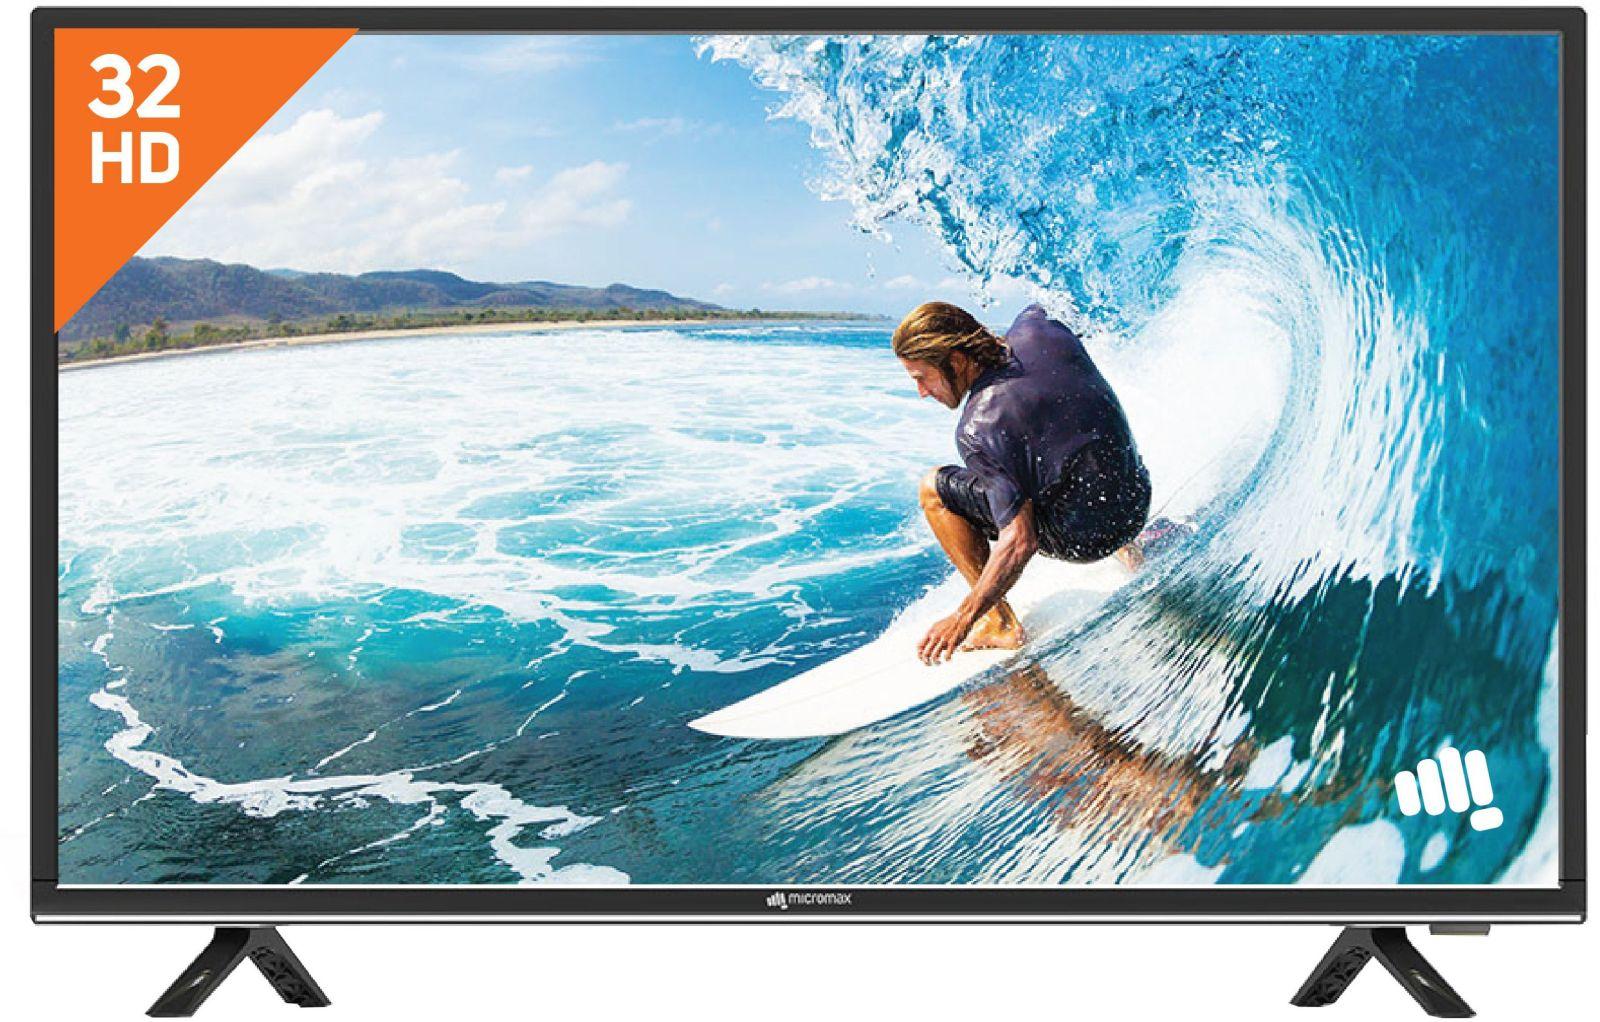 Micromax 81cm (32 inch) HD Ready LED TV  (32T8361HD/32T8352HD)